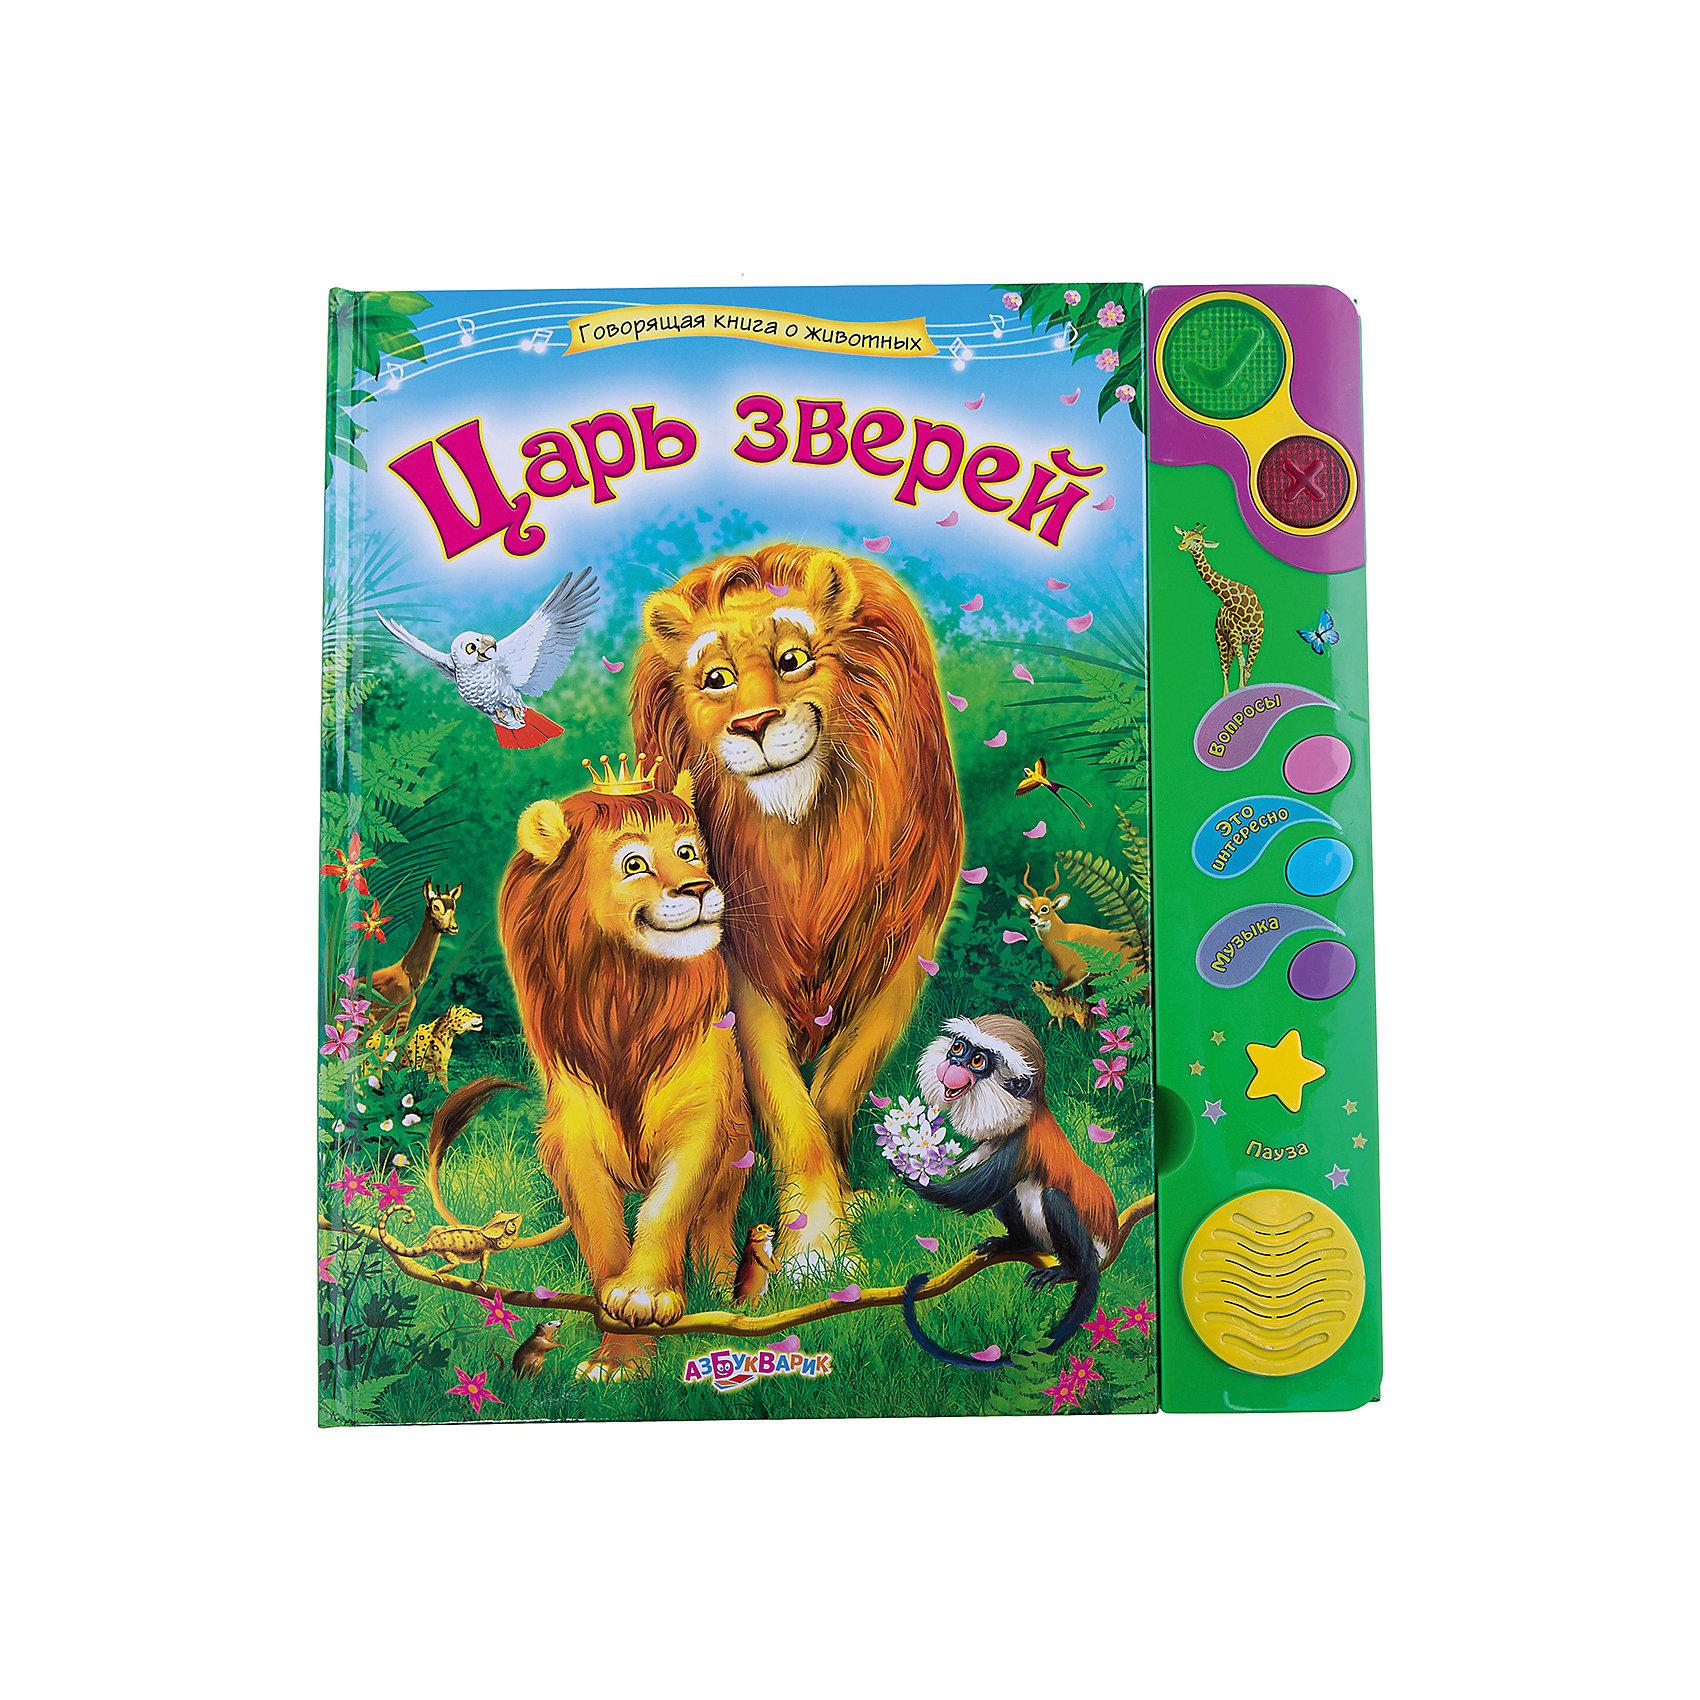 Книга со звуковым модулем Царь зверейМузыкальные книги<br>Хочешь отправиться на коронацию царя зверей? Тогда скорее открывай эту чудесную книжку! Нажимай на кнопочки, слушай увлекательную историю, отвечай на вопросы, запоминай значения новых слов и рассматривай красочные иллюстрации. Для тебя откроется целый мир животных африканских джунглей, саванны и пустыни! <br>Плотная обложка и картонные страницы идеально подойдут даже для самых юных и активных читателей. <br><br>Дополнительная информация:<br><br>- Формат: 29х30,6 см.<br>- Количество страниц: 16.<br>- Переплет: твердый.<br>- Иллюстрации: цветные.<br>- Плотные картонные страницы. <br>- Звуковой модуль. <br>- Элемент питания: батарейки ( UM-4 or LR-03), в комплекте. <br><br>Книгу со звуковым модулем Царь зверей можно купить в нашем магазине.<br><br>Ширина мм: 29<br>Глубина мм: 30<br>Высота мм: 29<br>Вес г: 950<br>Возраст от месяцев: 24<br>Возраст до месяцев: 48<br>Пол: Унисекс<br>Возраст: Детский<br>SKU: 4951816